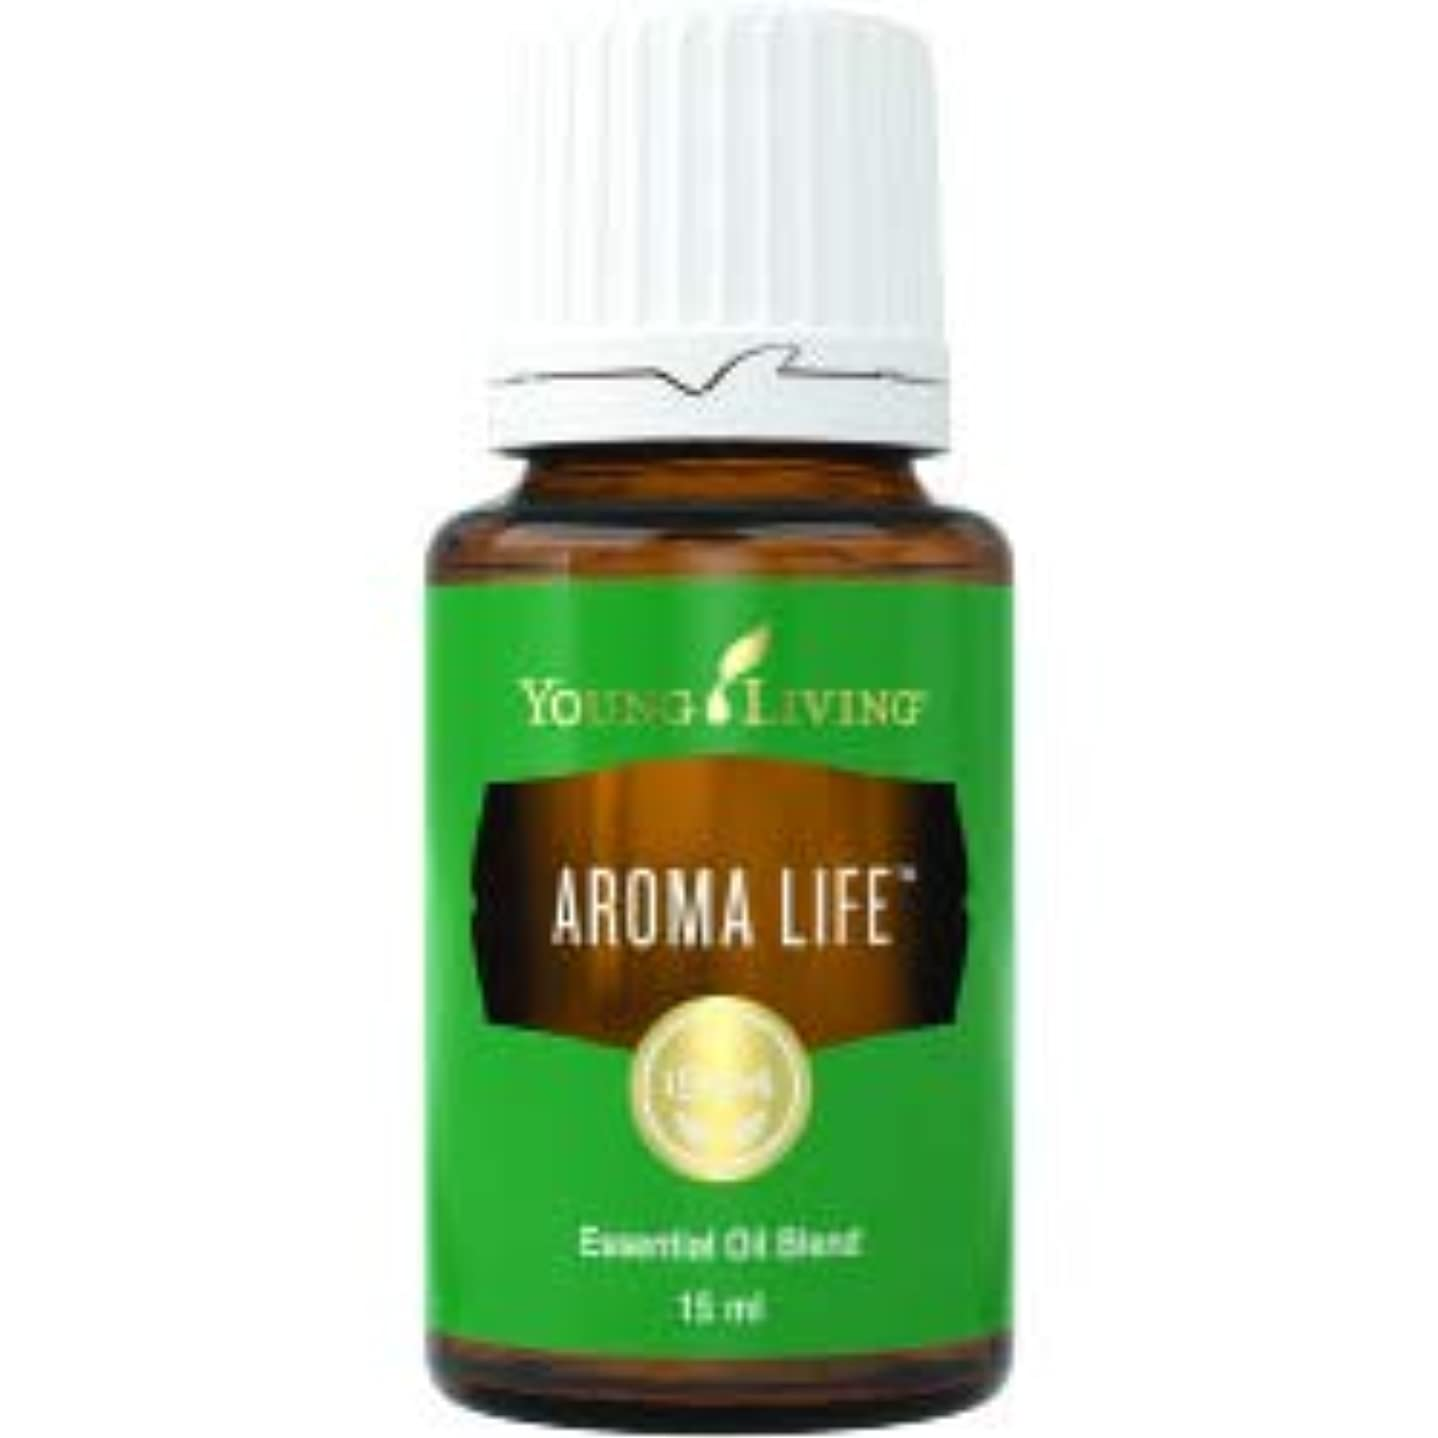 うそつき驚縮約アロマライフ?は、イランイランの調和効果と既知の大手サイプレス、ヘリクリサム、マジョラムを組み合わせたものです。オイルブレンドはあなたの生命力を活性化し、リラックスをもたらします Aroma Life Essential Oil 15ml by Young Living Essential Oil Malaysia